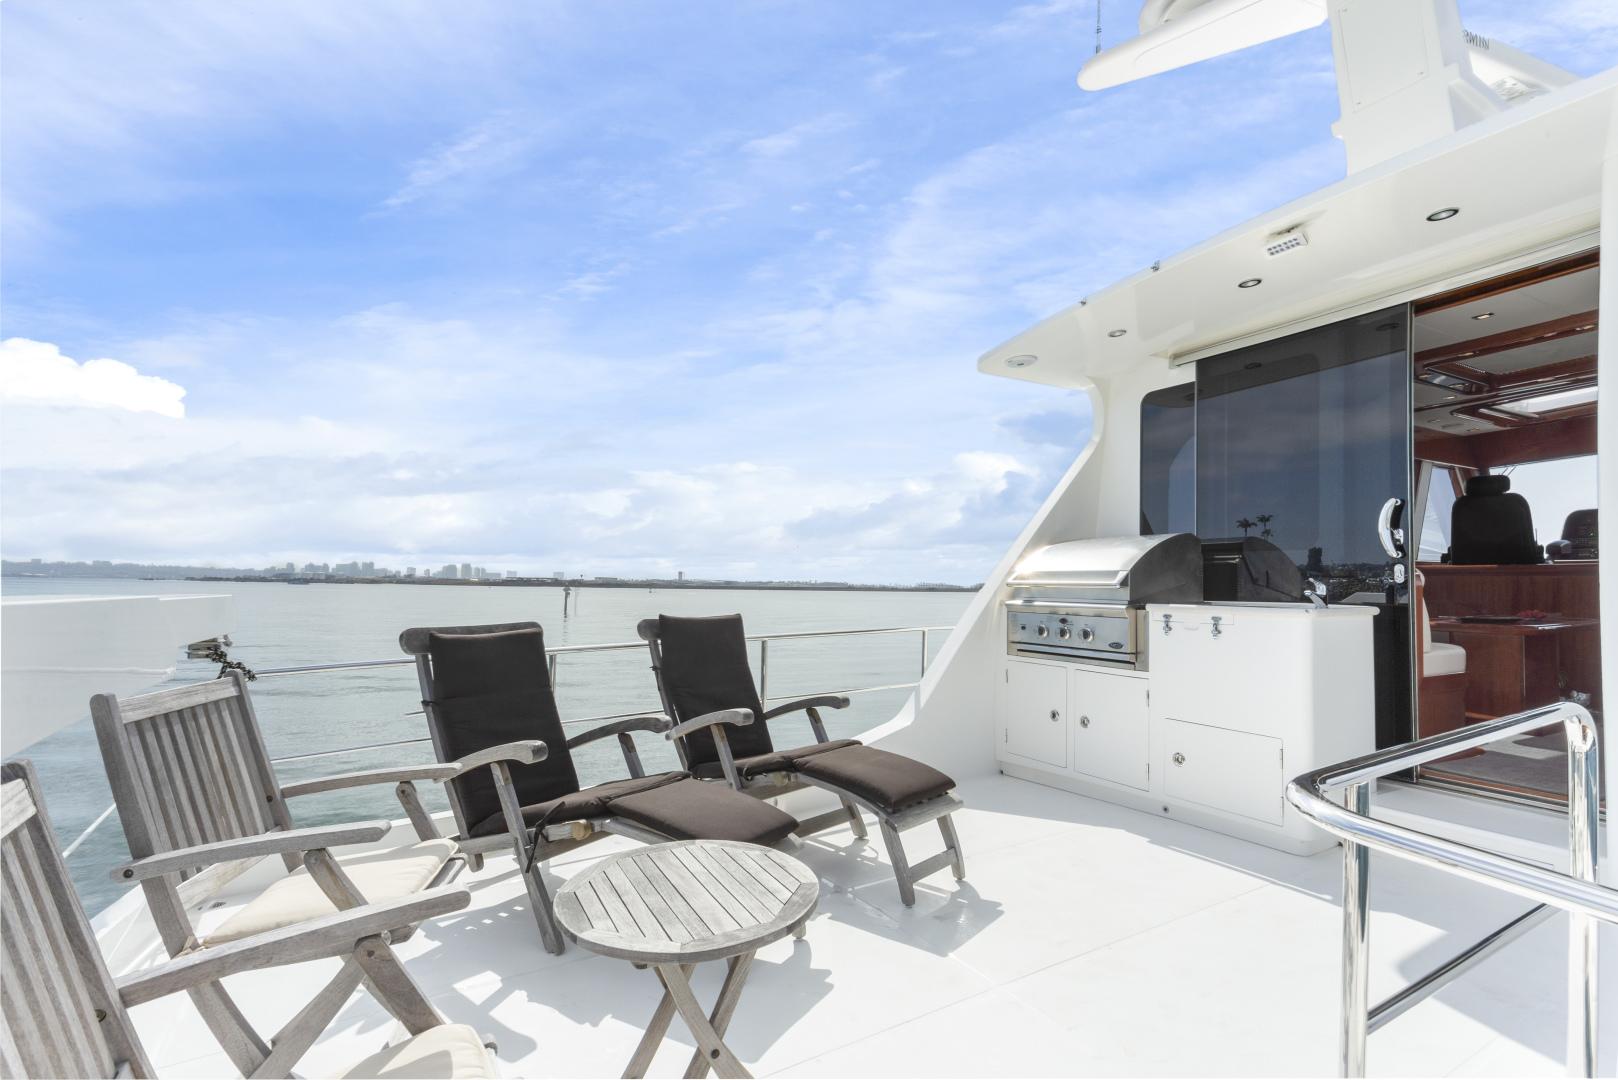 Hampton-76 Skylounge Motoryacht 2014-ODYSEA San Diego-California-United States-BRIDGE DECK-1165184 | Thumbnail